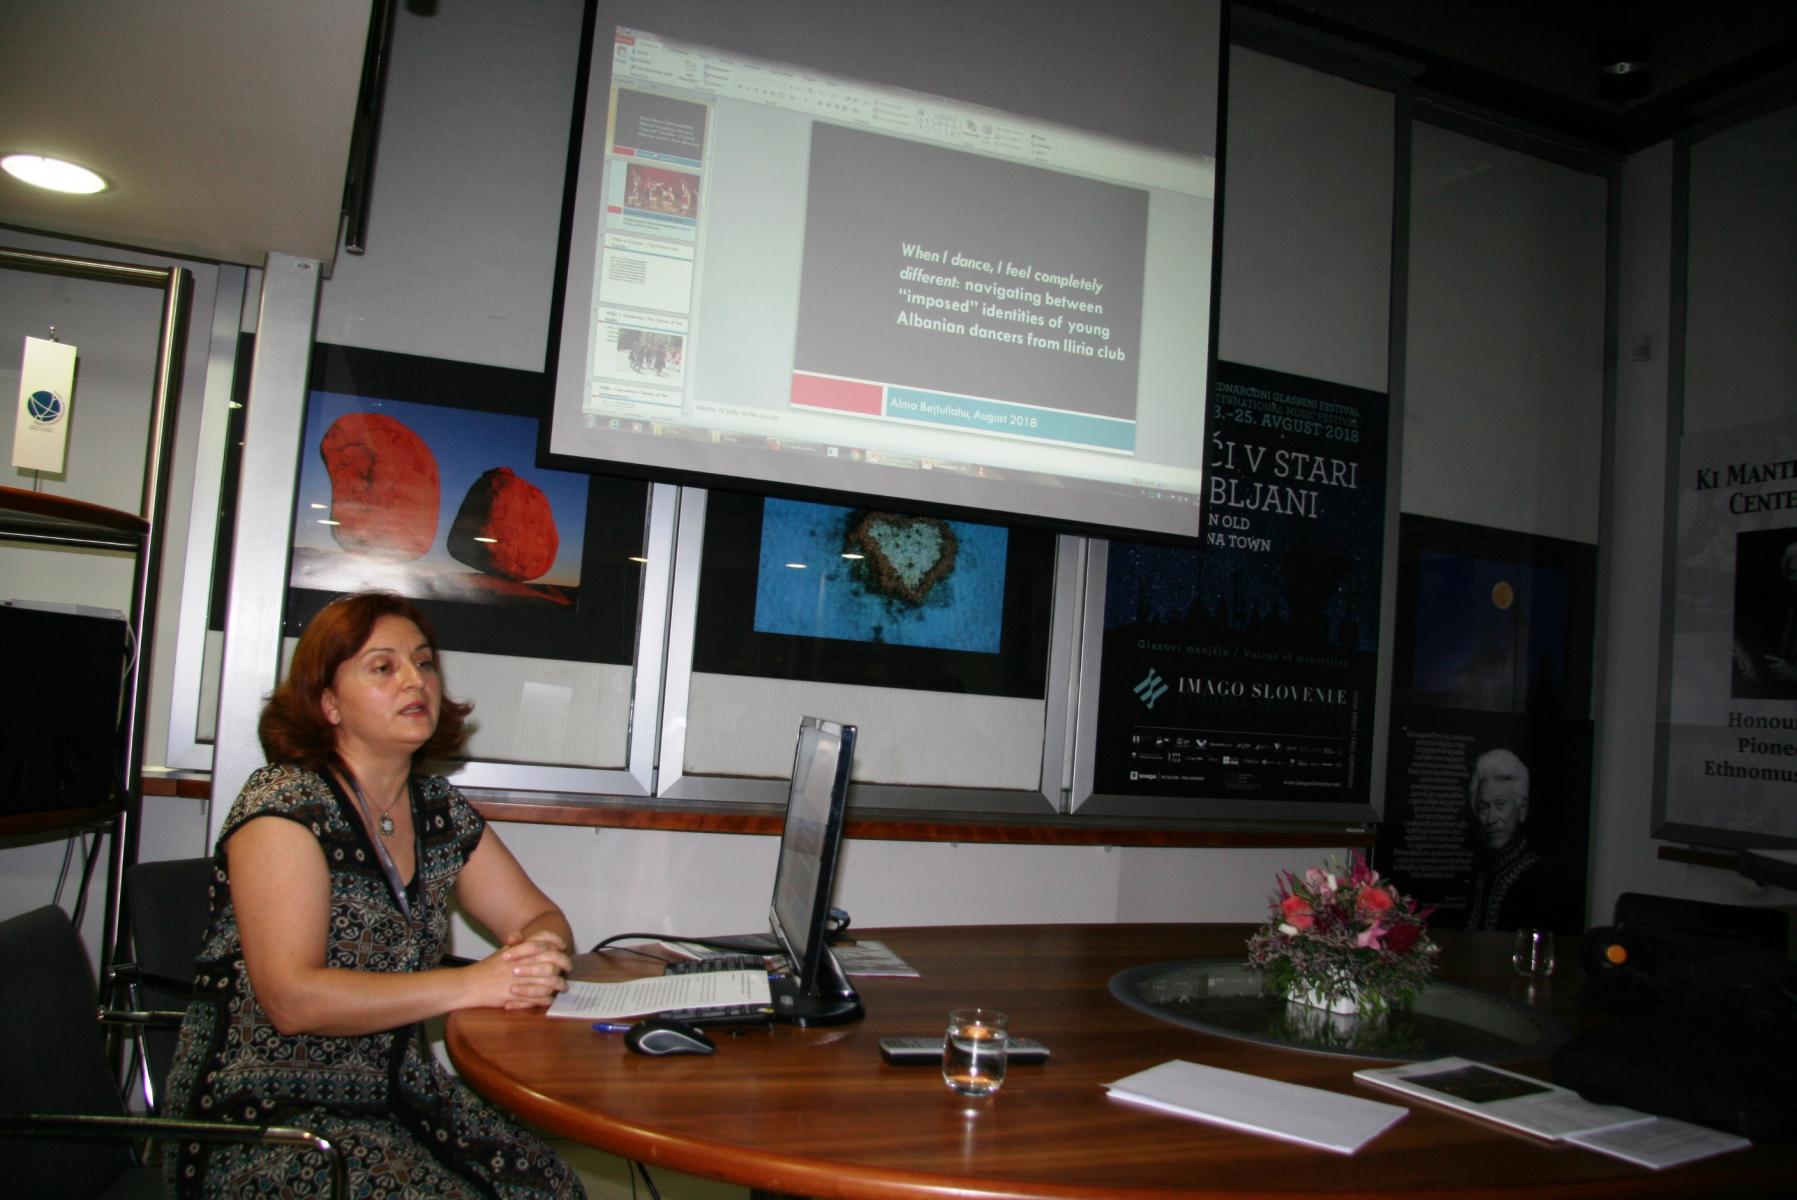 Alma Bejtullahu, samostojna raziskovalka. Predsedujoča in udeleženka panela Različni pogledi na kreativnost manjšin v Sloveniji. Foto: Urša Šivic.